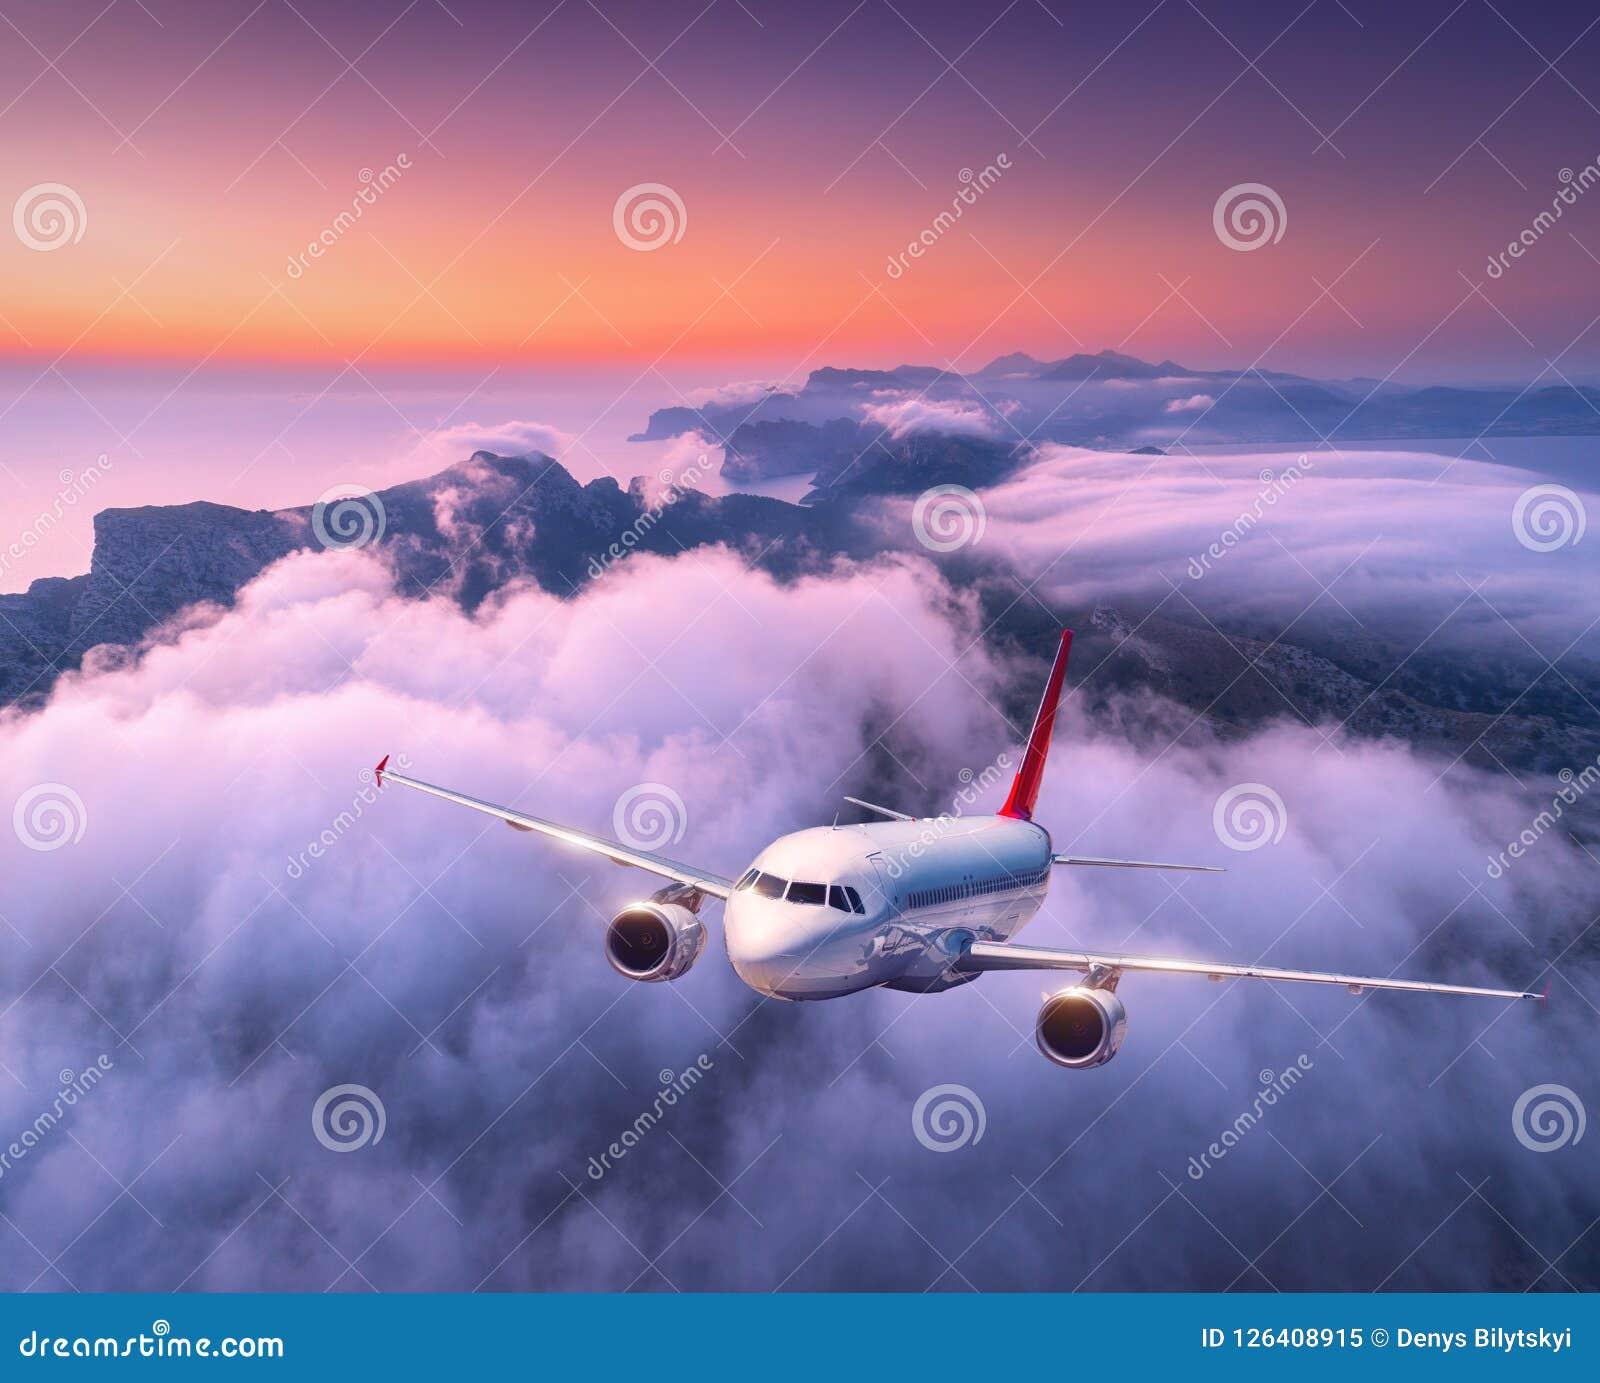 Avião do passageiro que voa sobre nuvens no por do sol Aviões